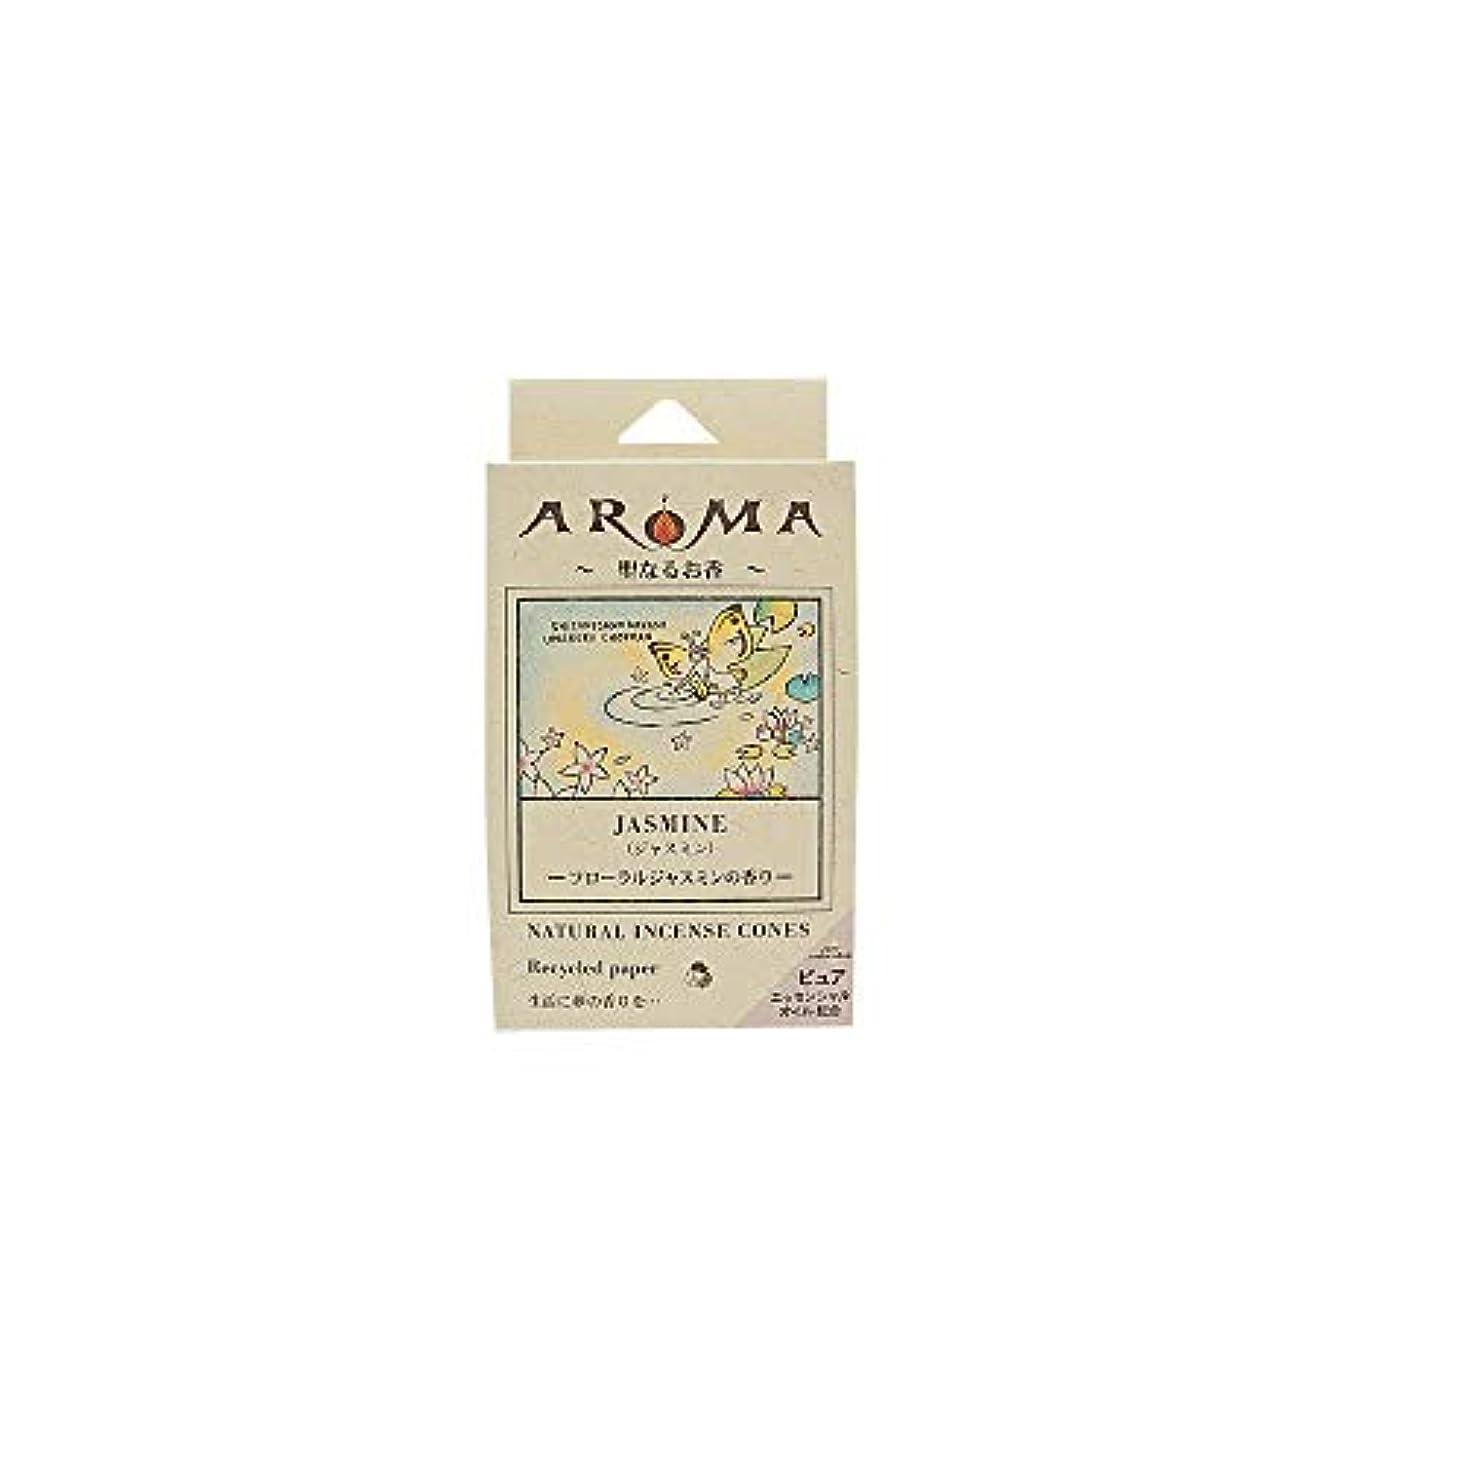 申し込む勤勉な黒アロマ香 ジャスミン 16粒(コーンタイプインセンス 1粒の燃焼時間約20分 フローラルジャスミンの香り)